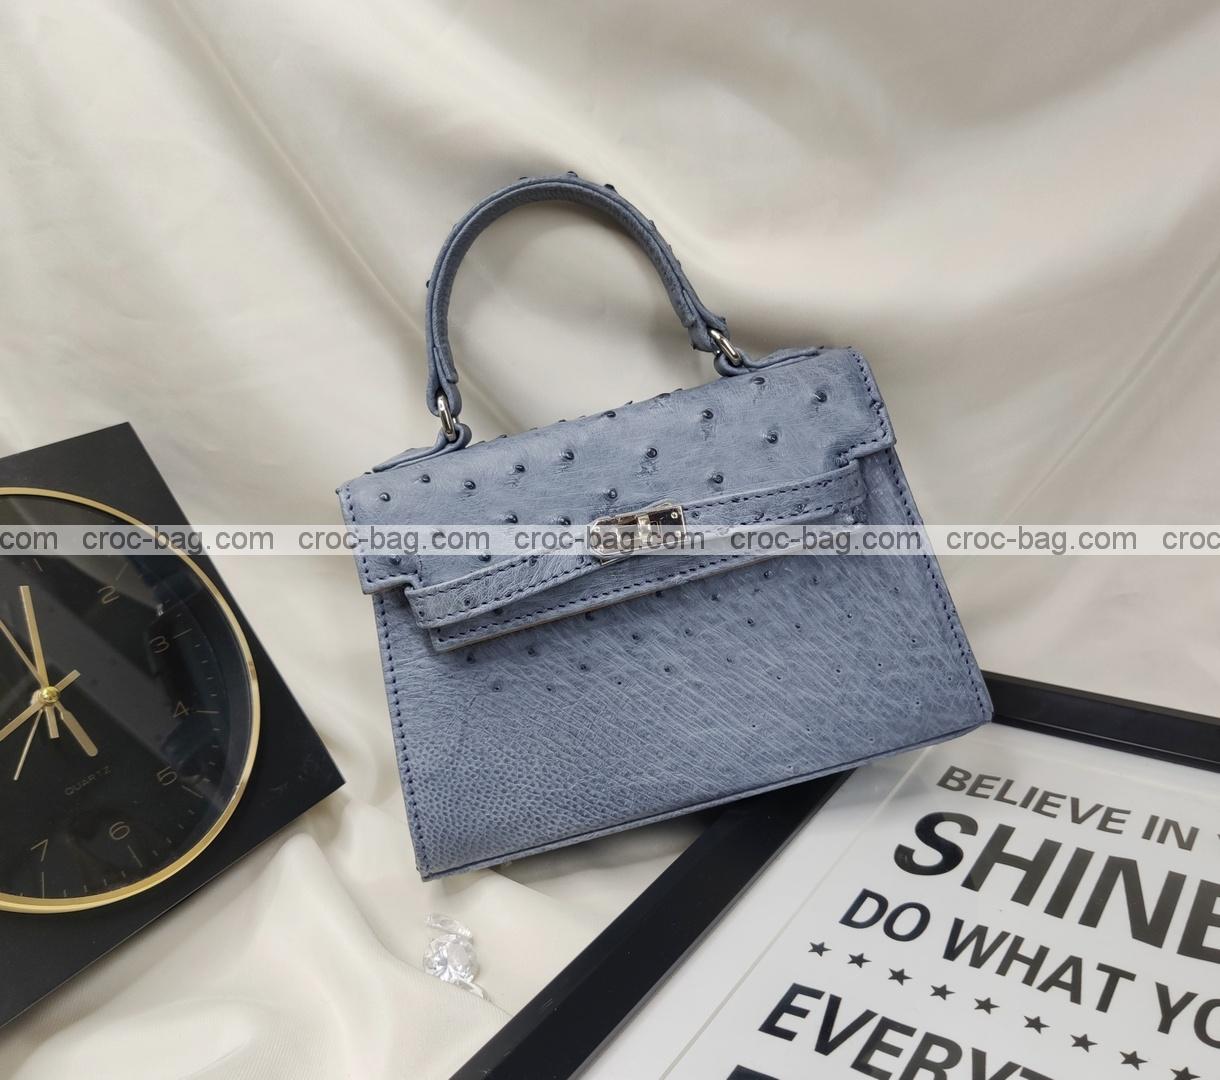 กระเป๋าหนังนกกระจอกเทศหรับผู้หญิง 5432